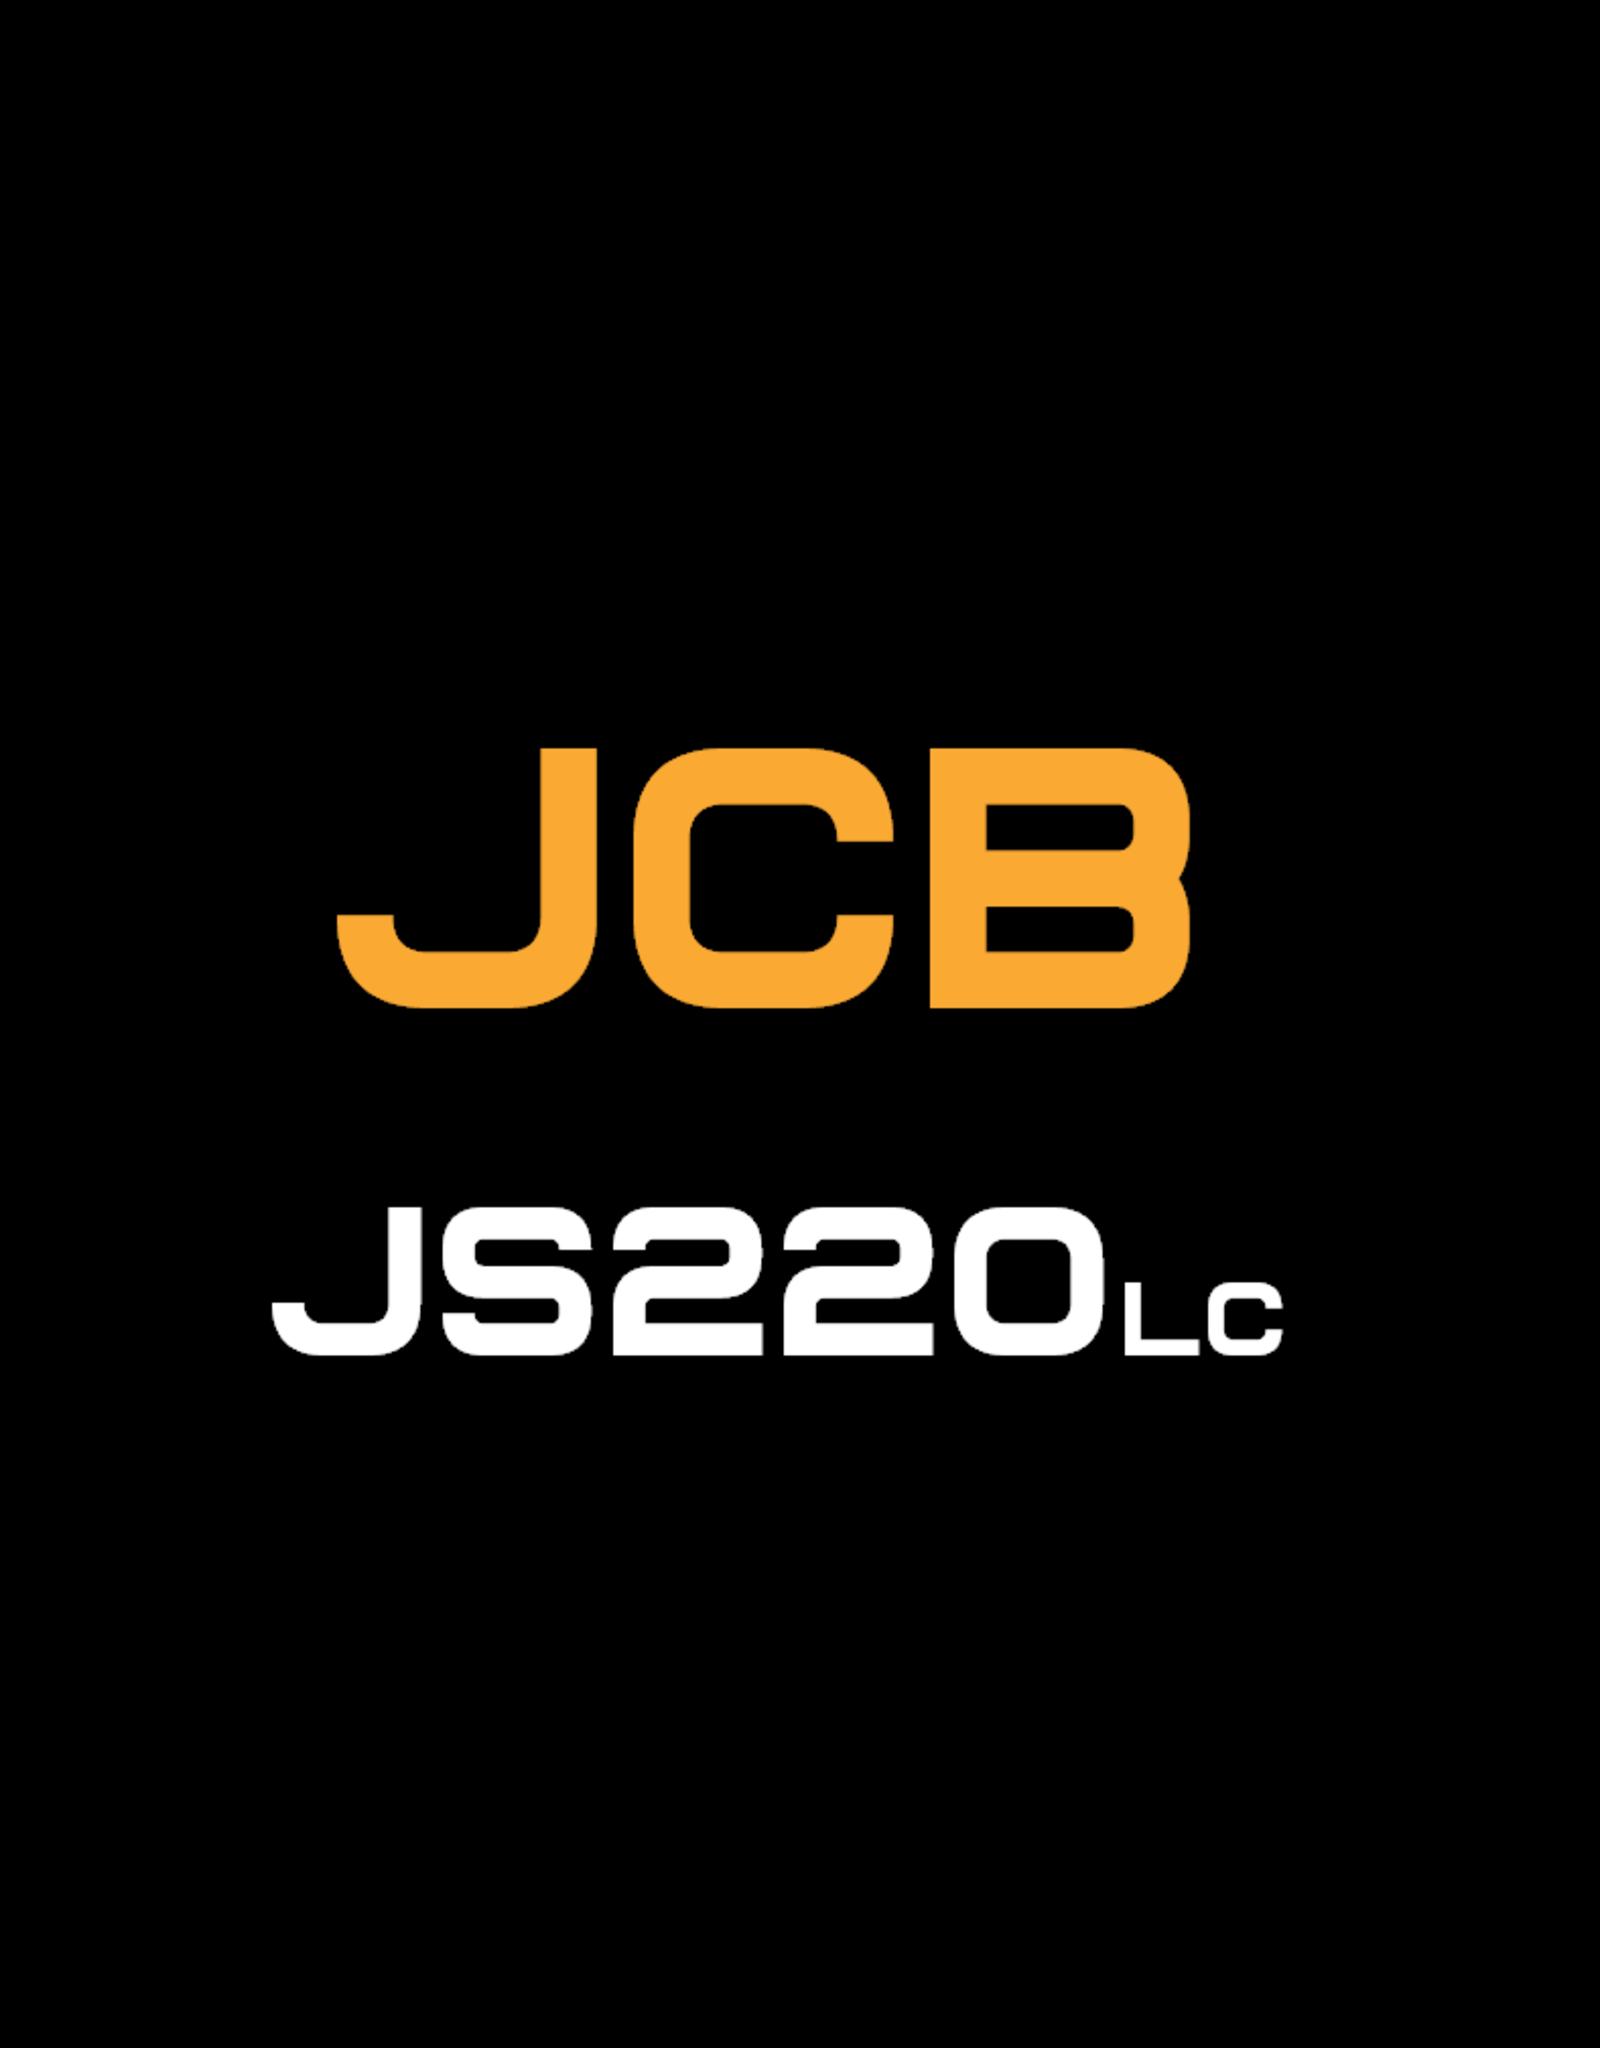 Echle Hartstahl GmbH FOPS pour JCB JS220LC